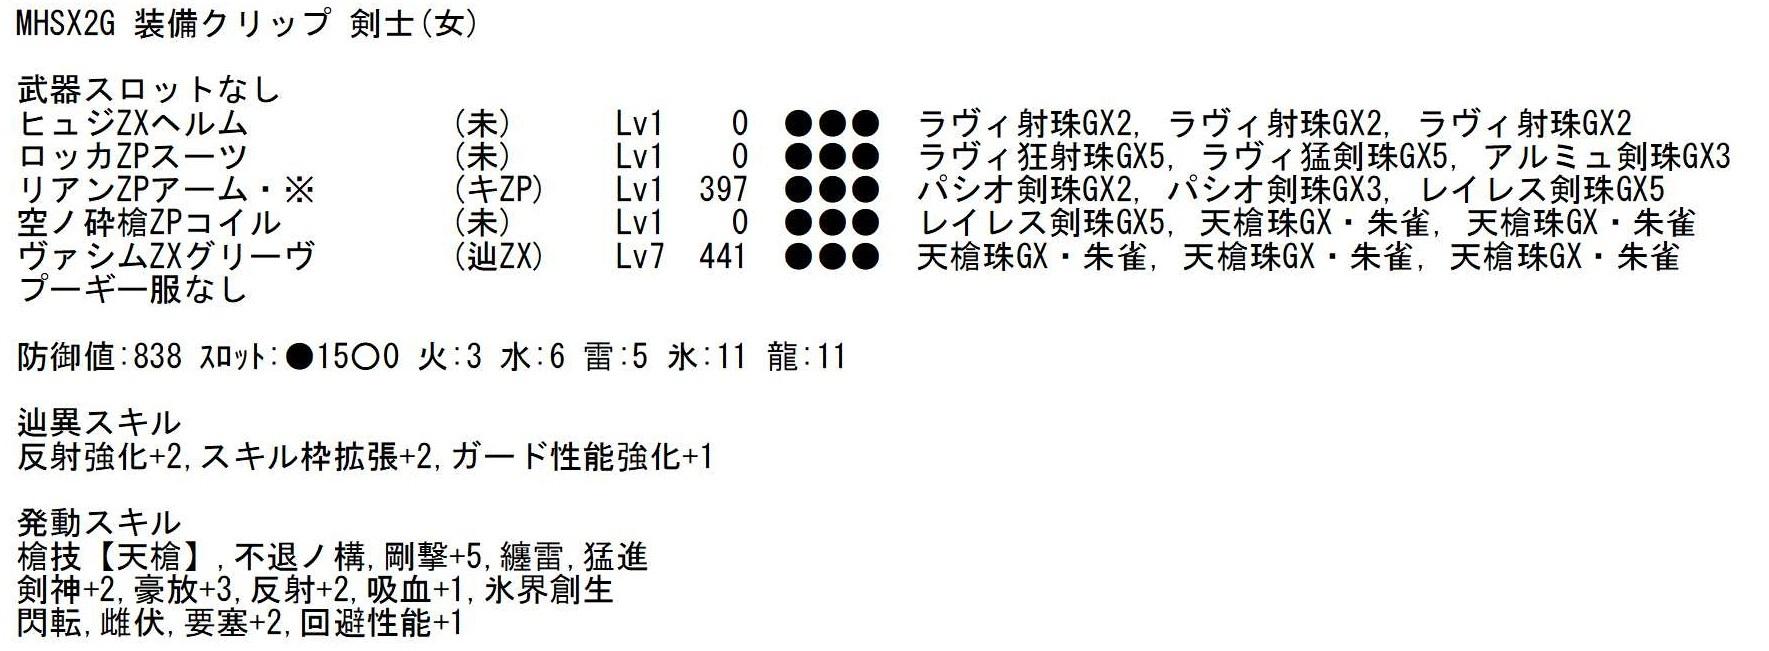 メモ帳-11